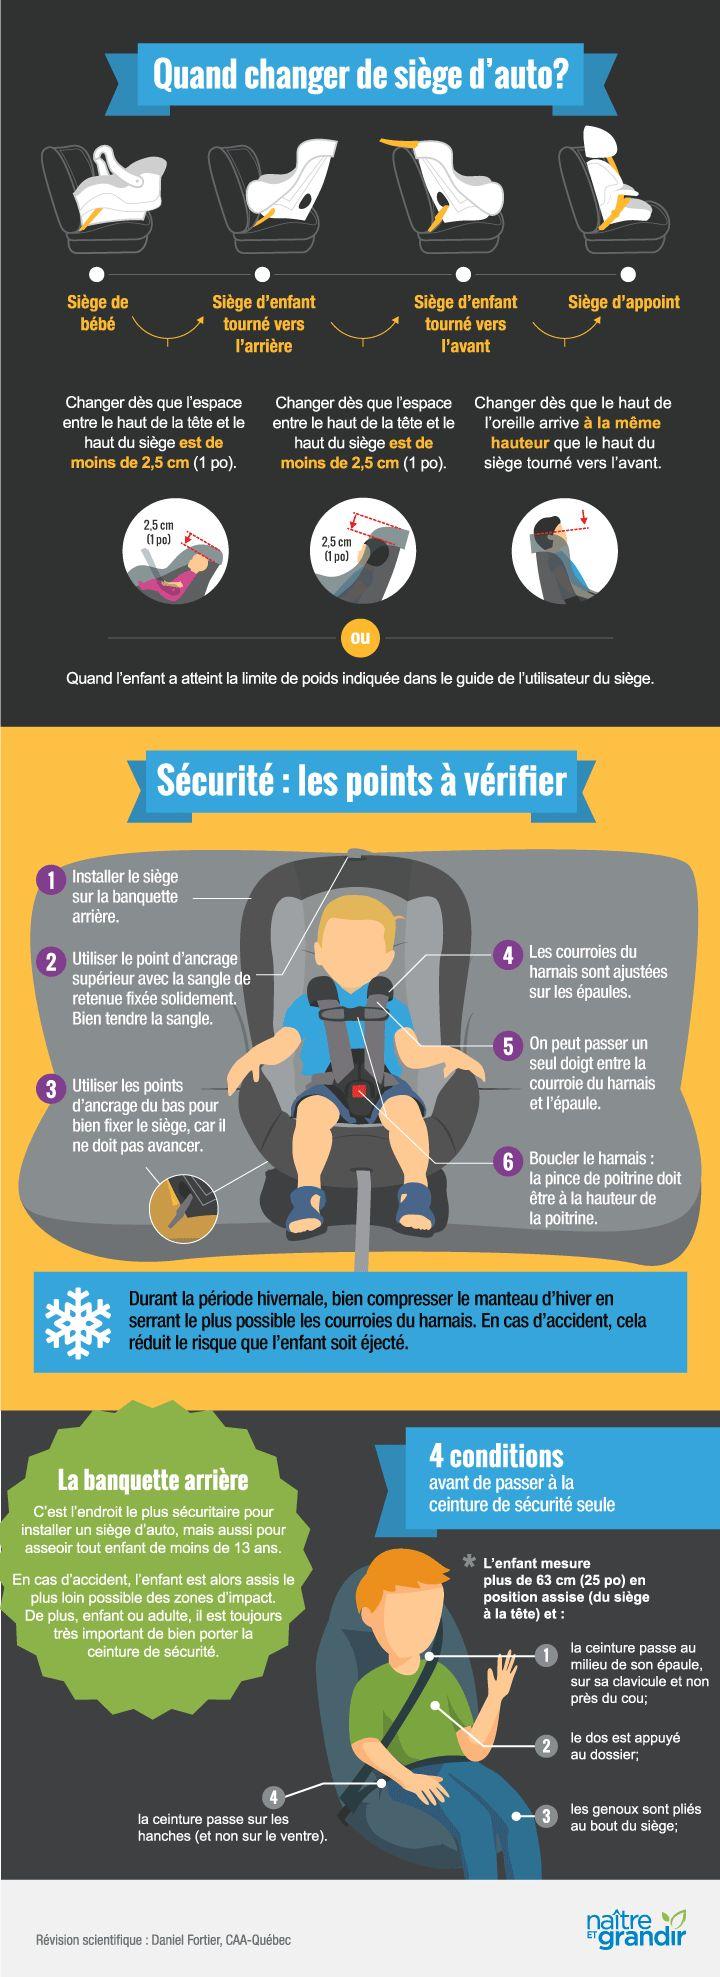 Votre siège d'auto est-il adapté à votre enfant? Son installation respecte-t-elle les normes?